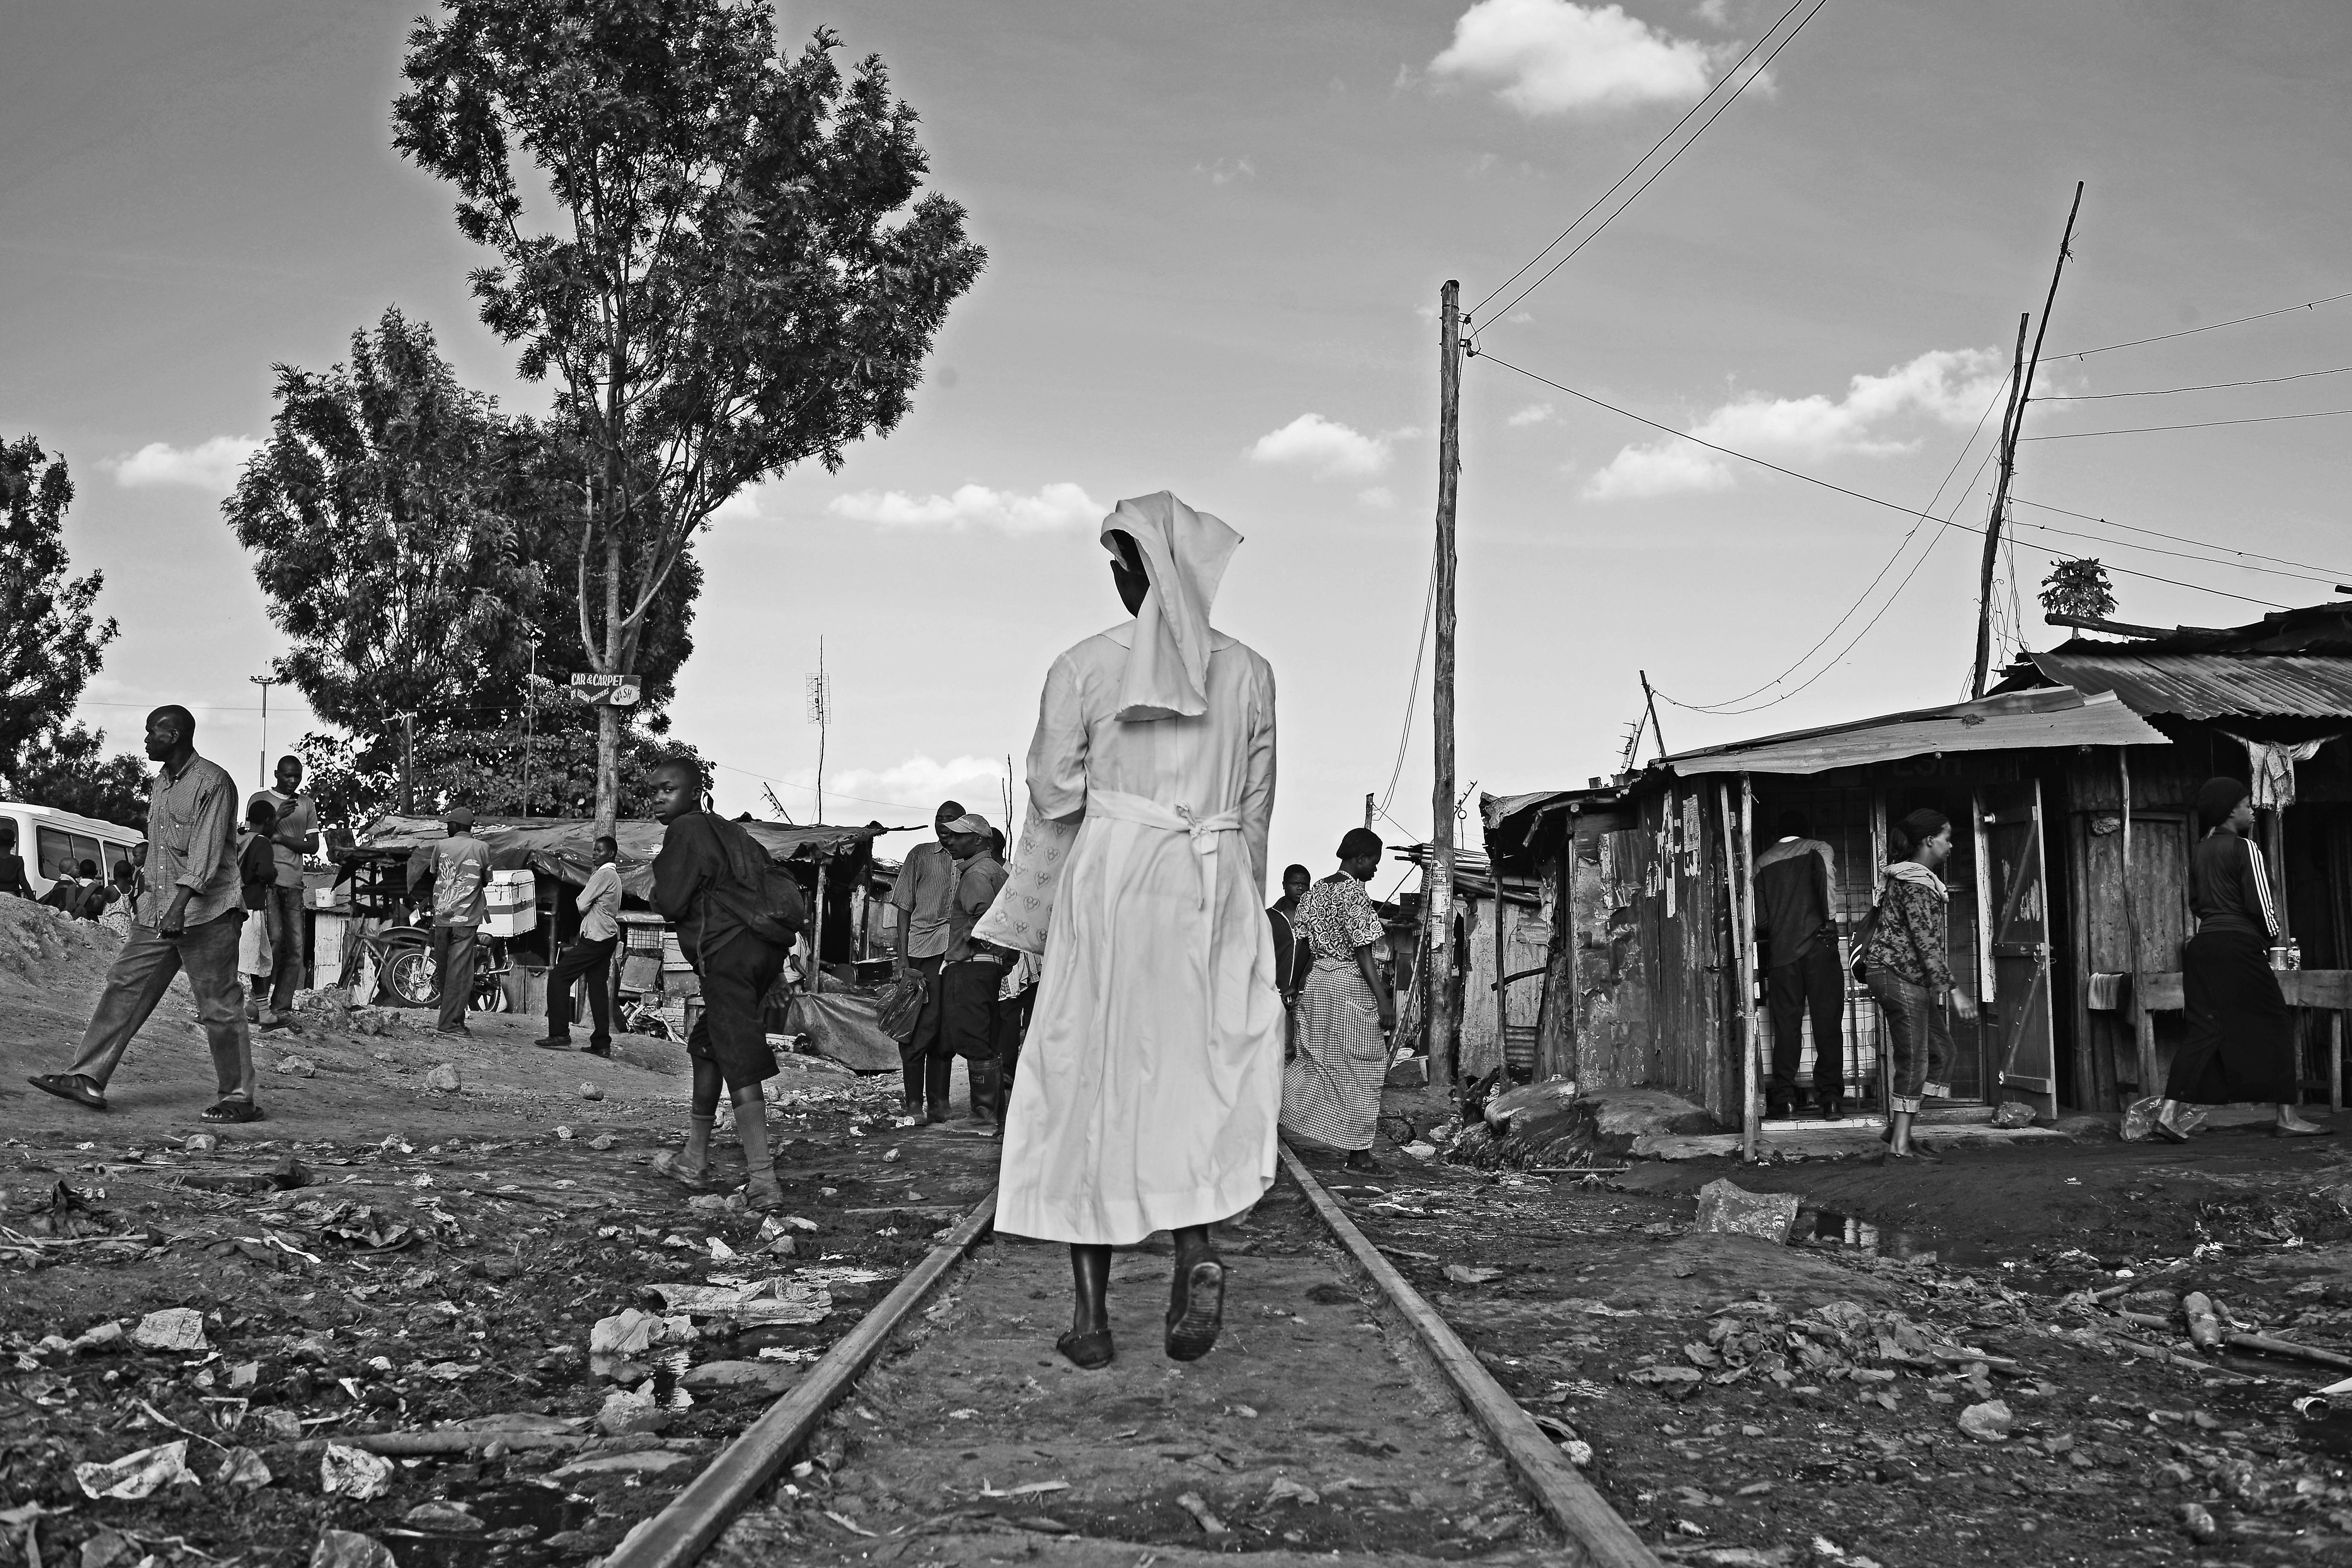 Kibera 25